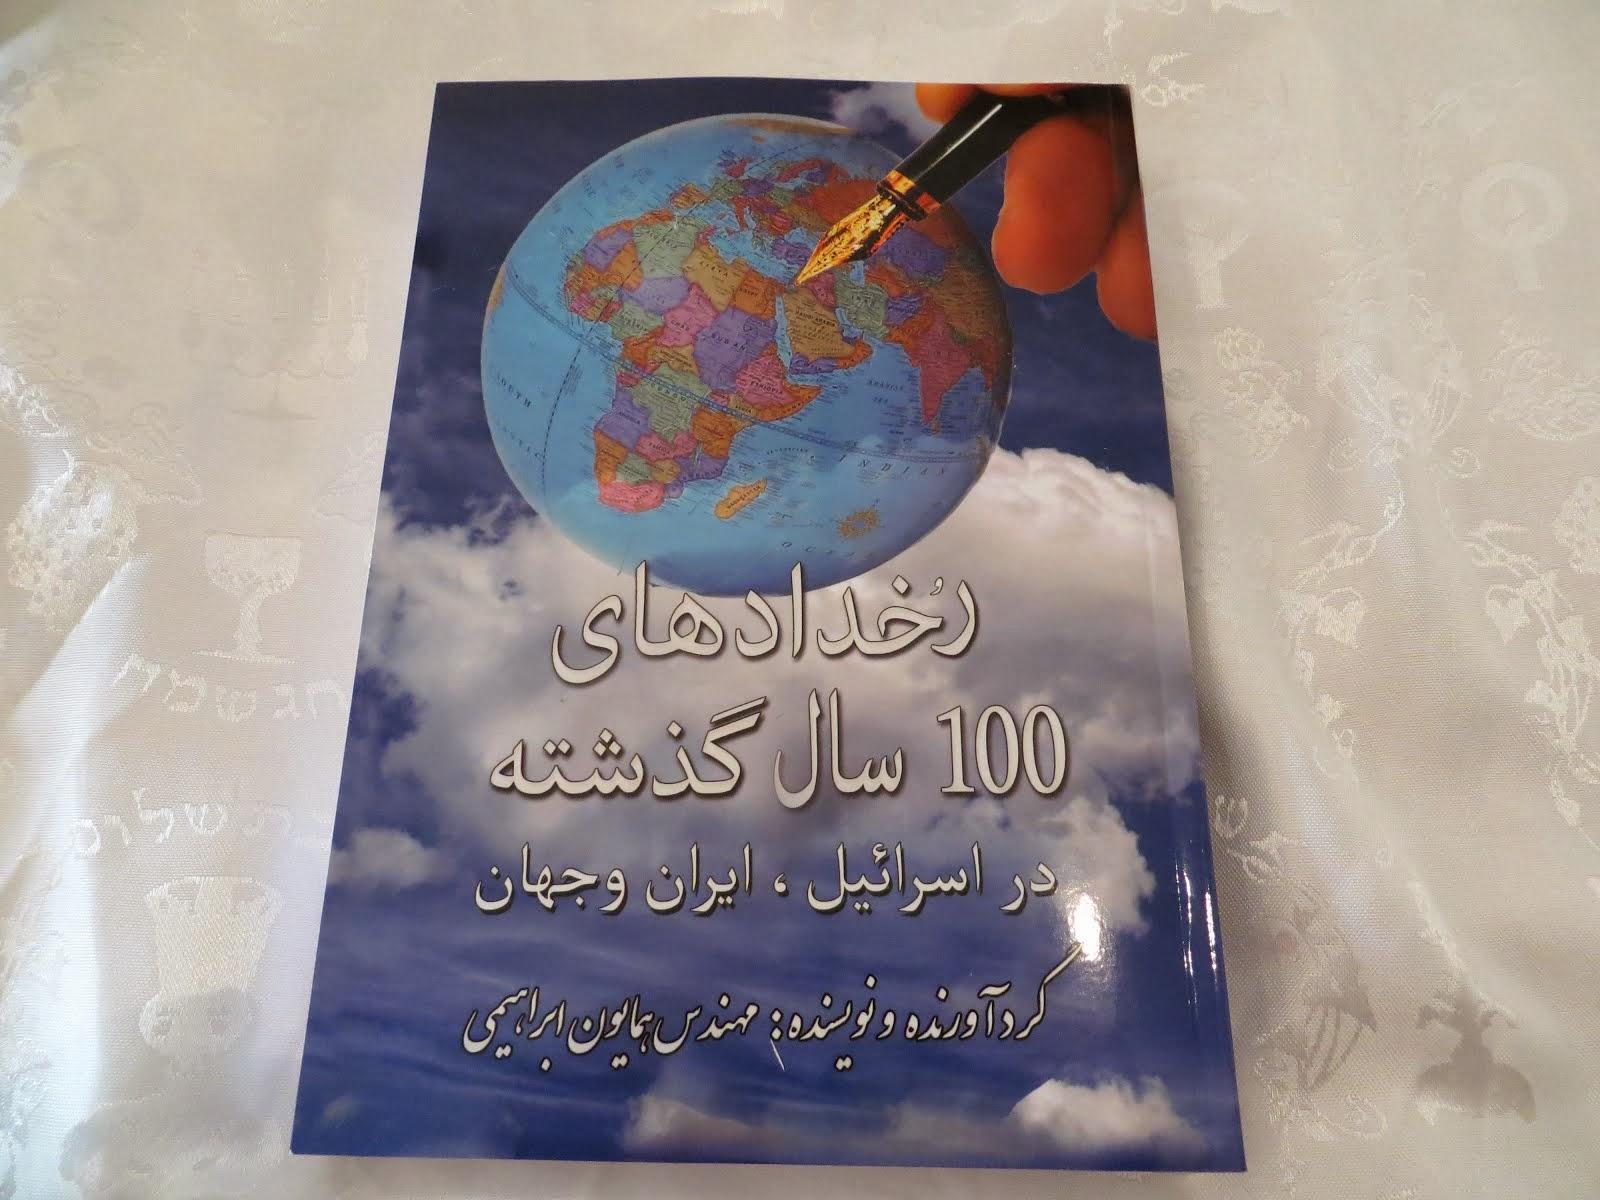 کتاب دیگری از مهندس همایون ابراهیمی